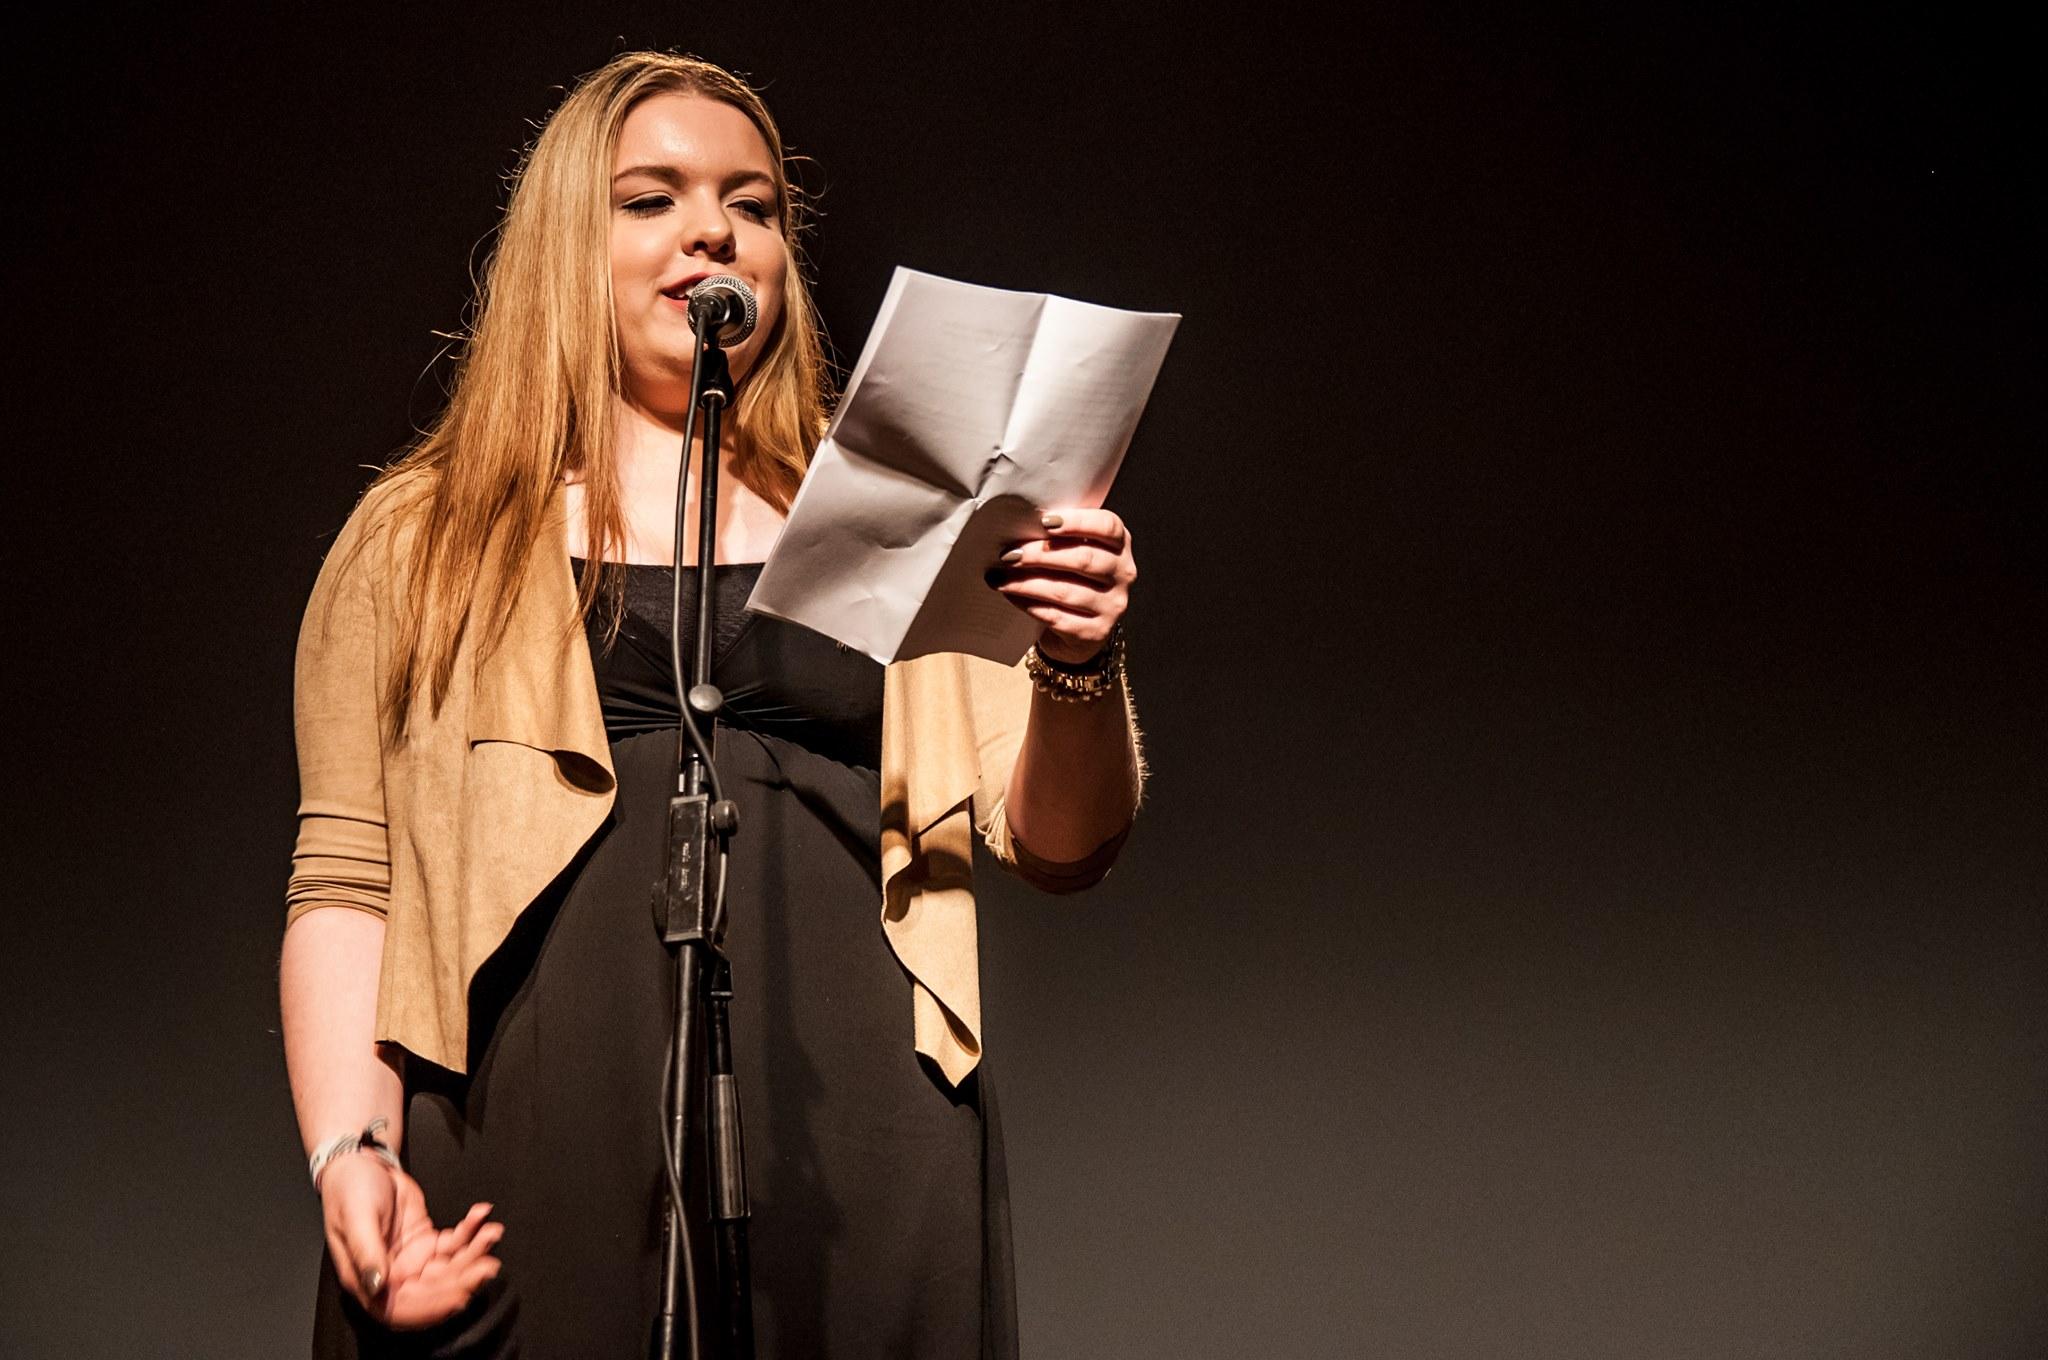 Beim Best of U20 Poetry Slam treten die jungen Wilden auf.